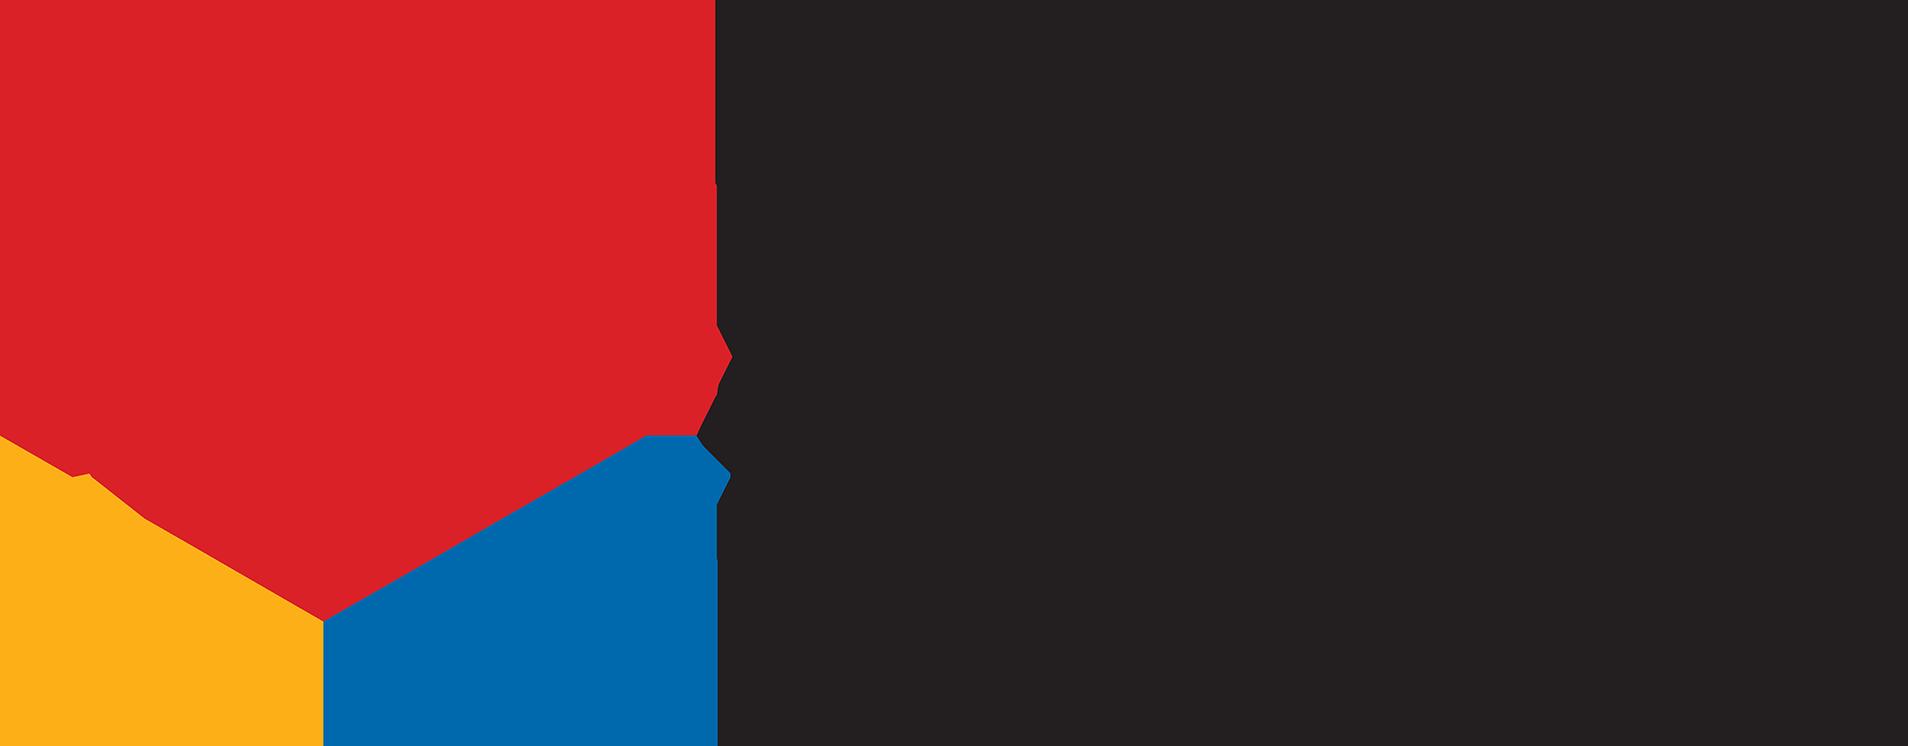 Phat Dat Coporation